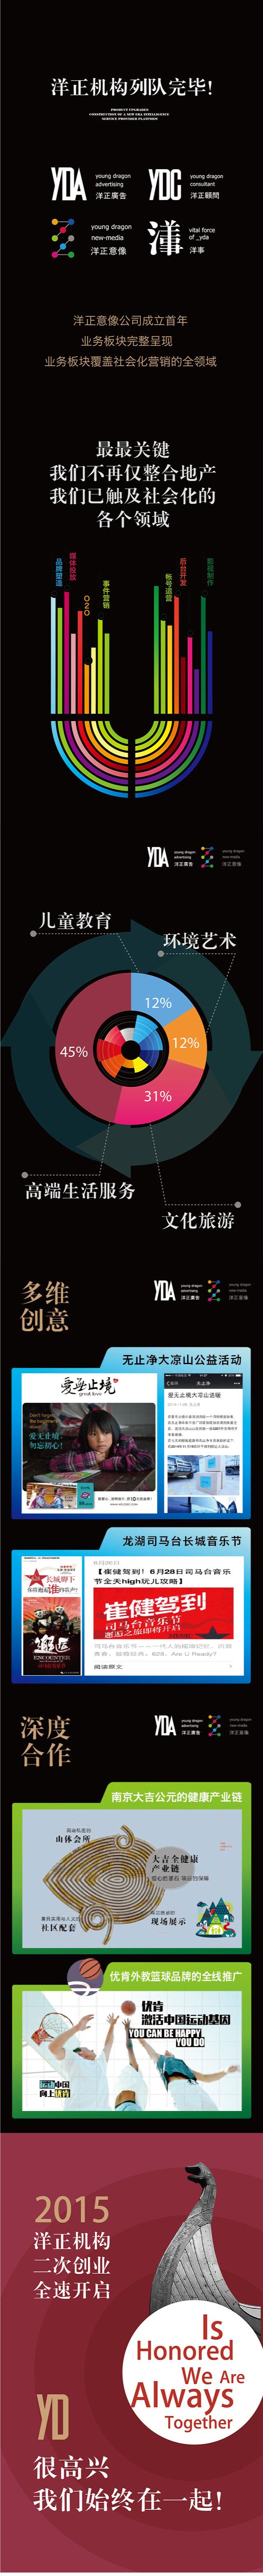 2015-yangzheng-jobs